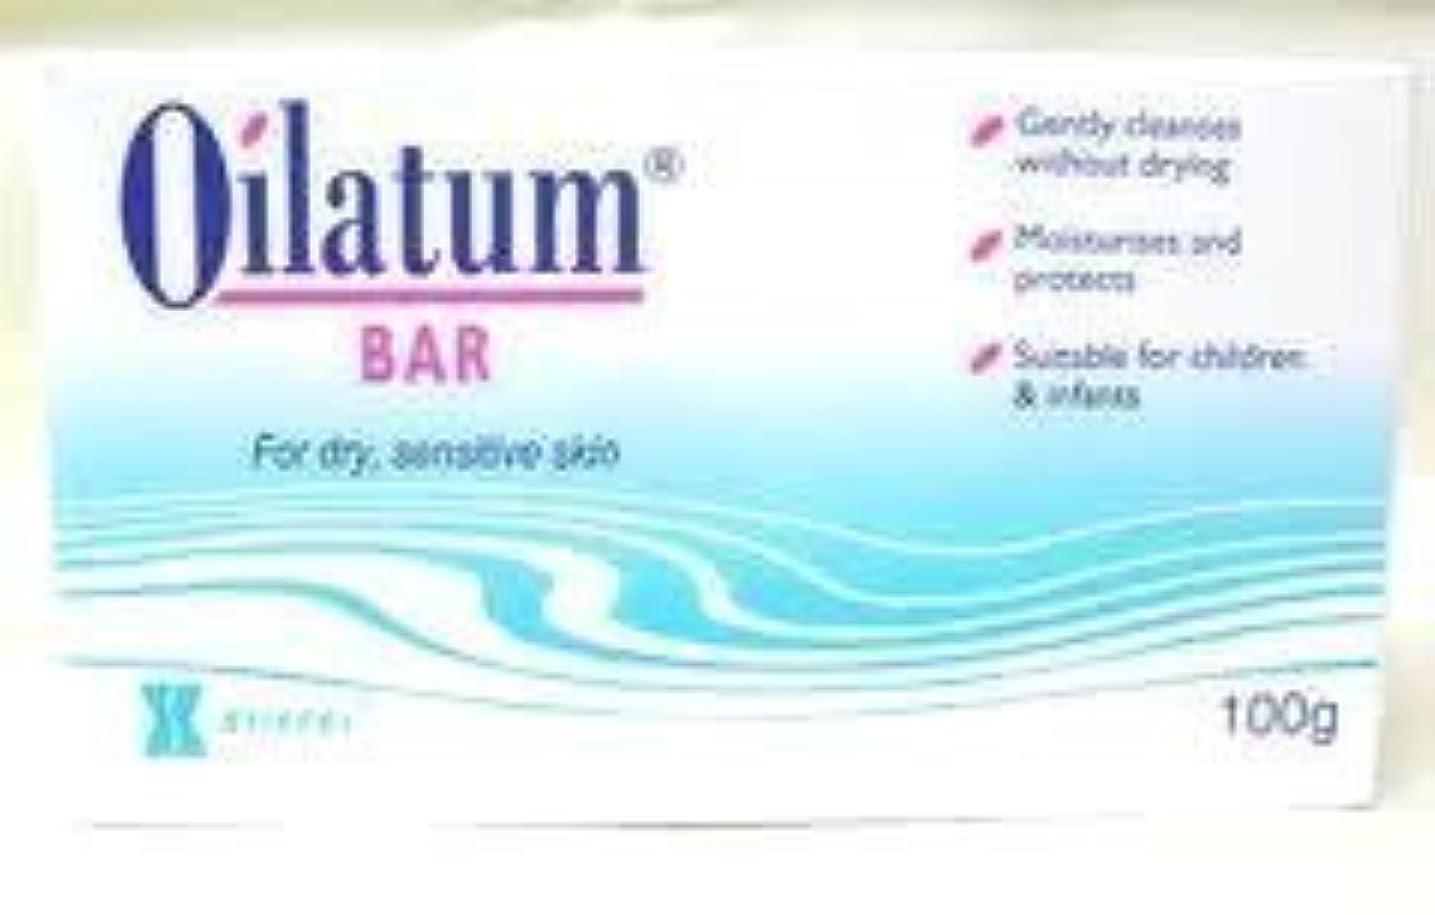 追加するシネマ学んだ2 Packs Oilatum Bar Soap for Sensitive Soap Skin Free Shipping 100g. by Oilatum